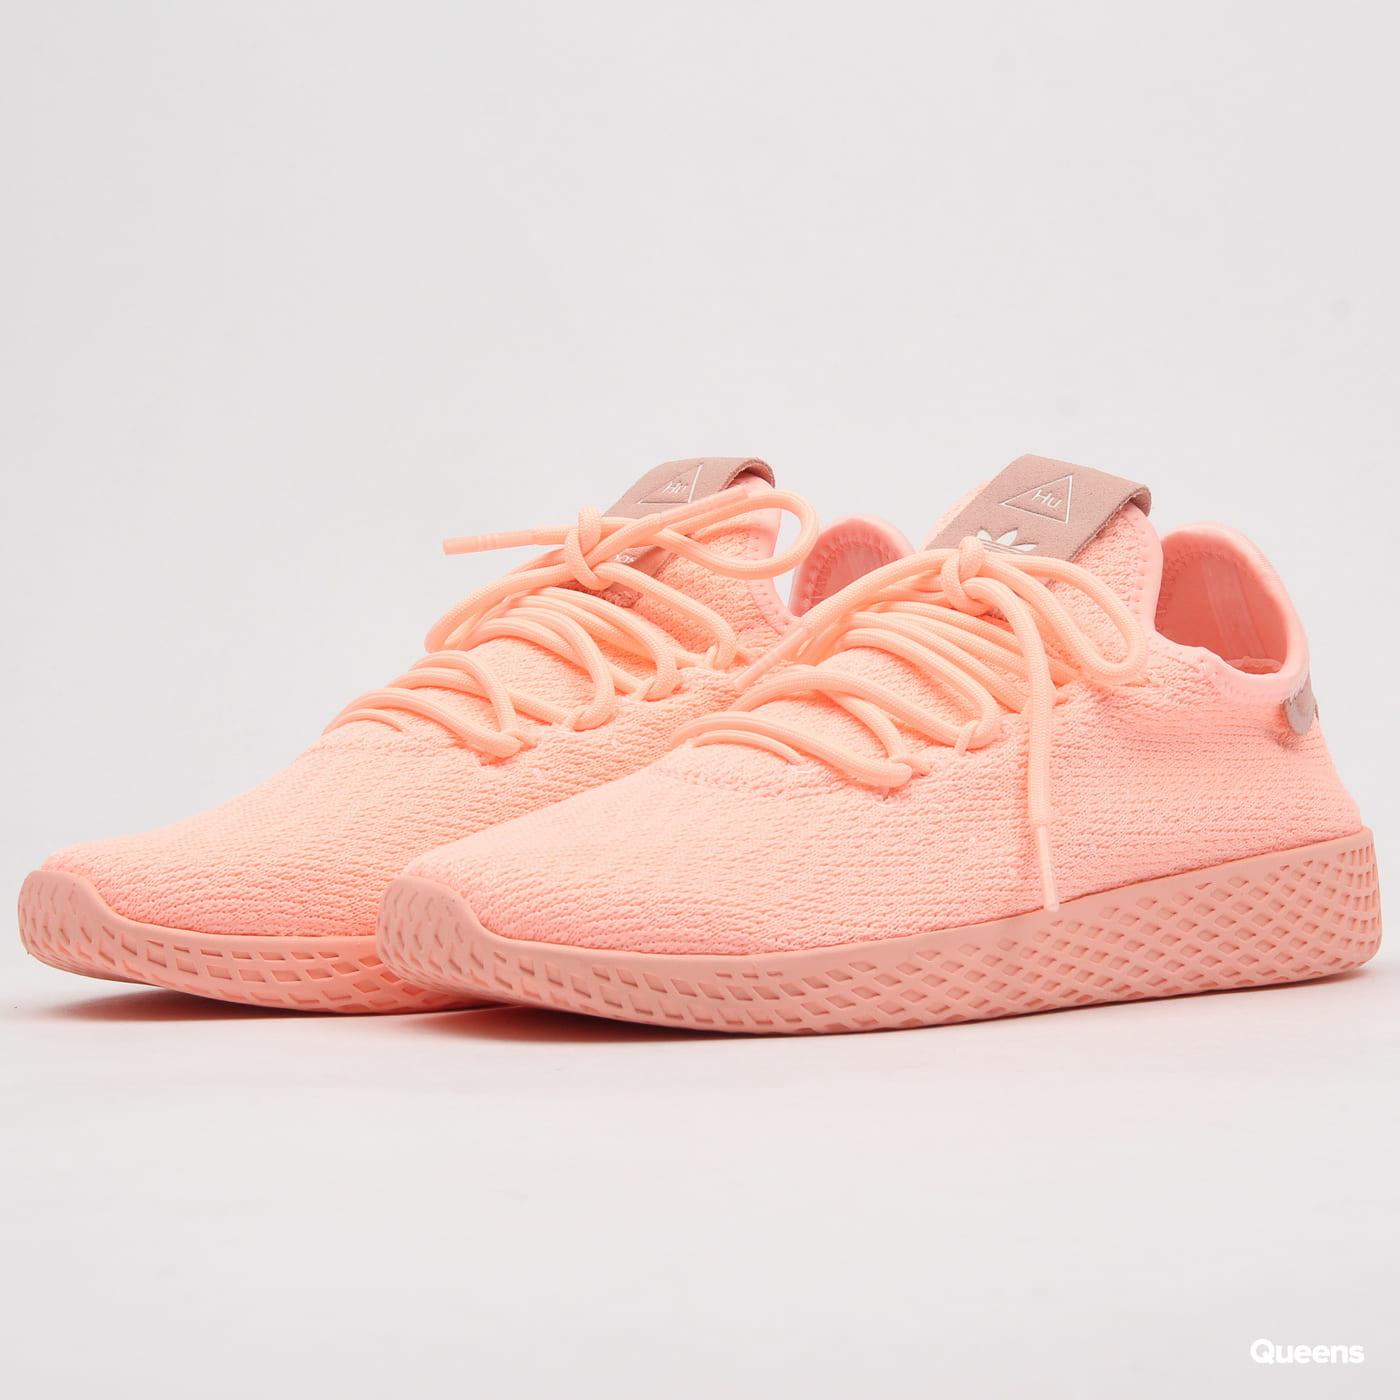 adidas Originals Pharrell Williams